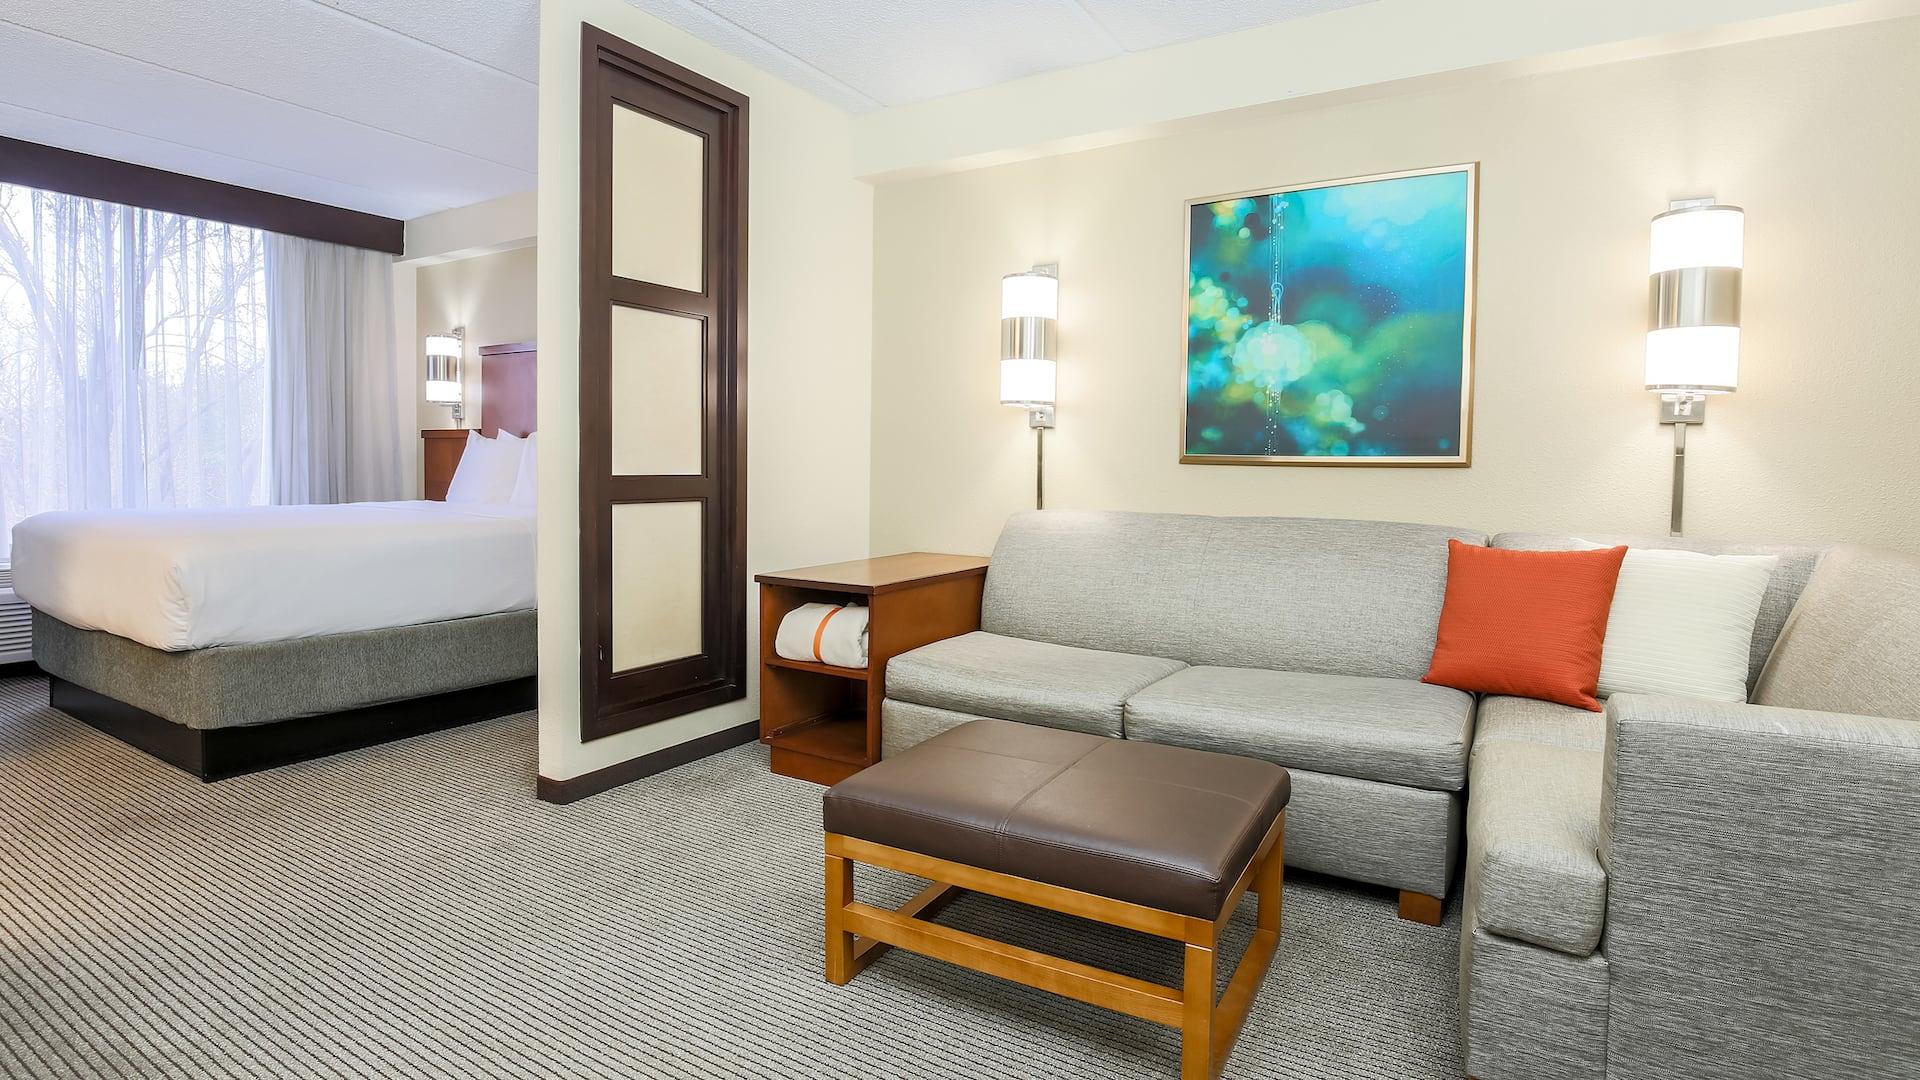 Hyatt Place Suite